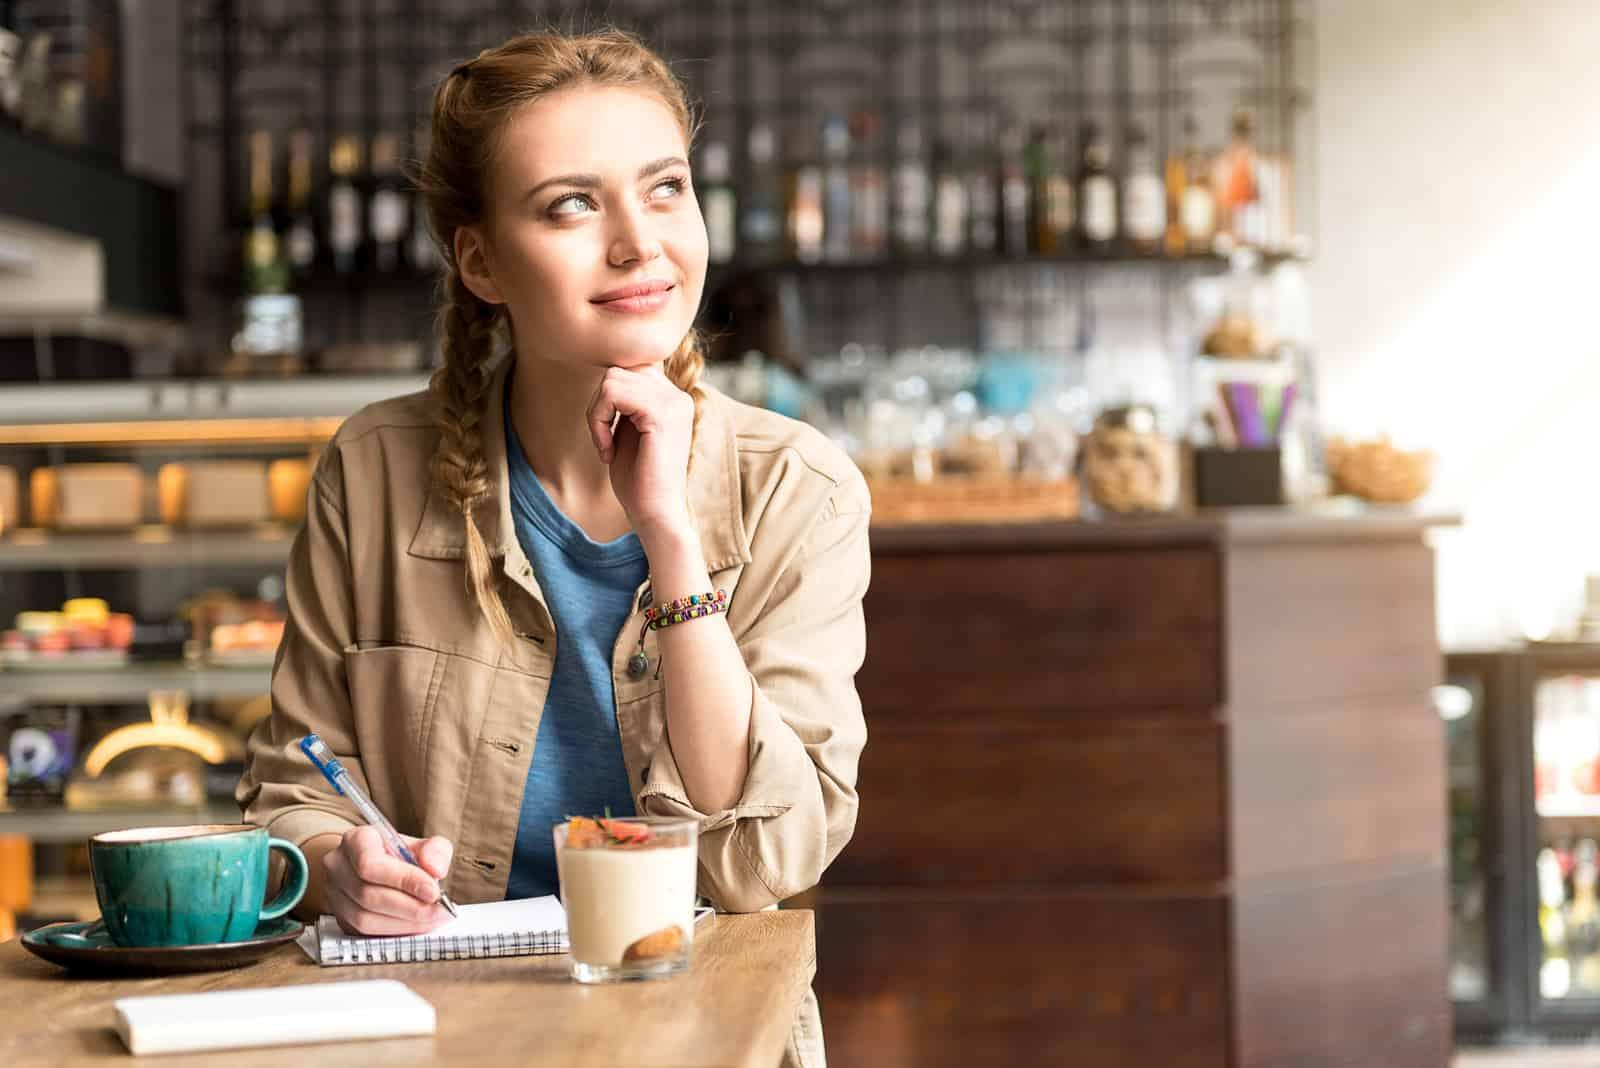 une femme imaginaire est assise dans un café et écrit